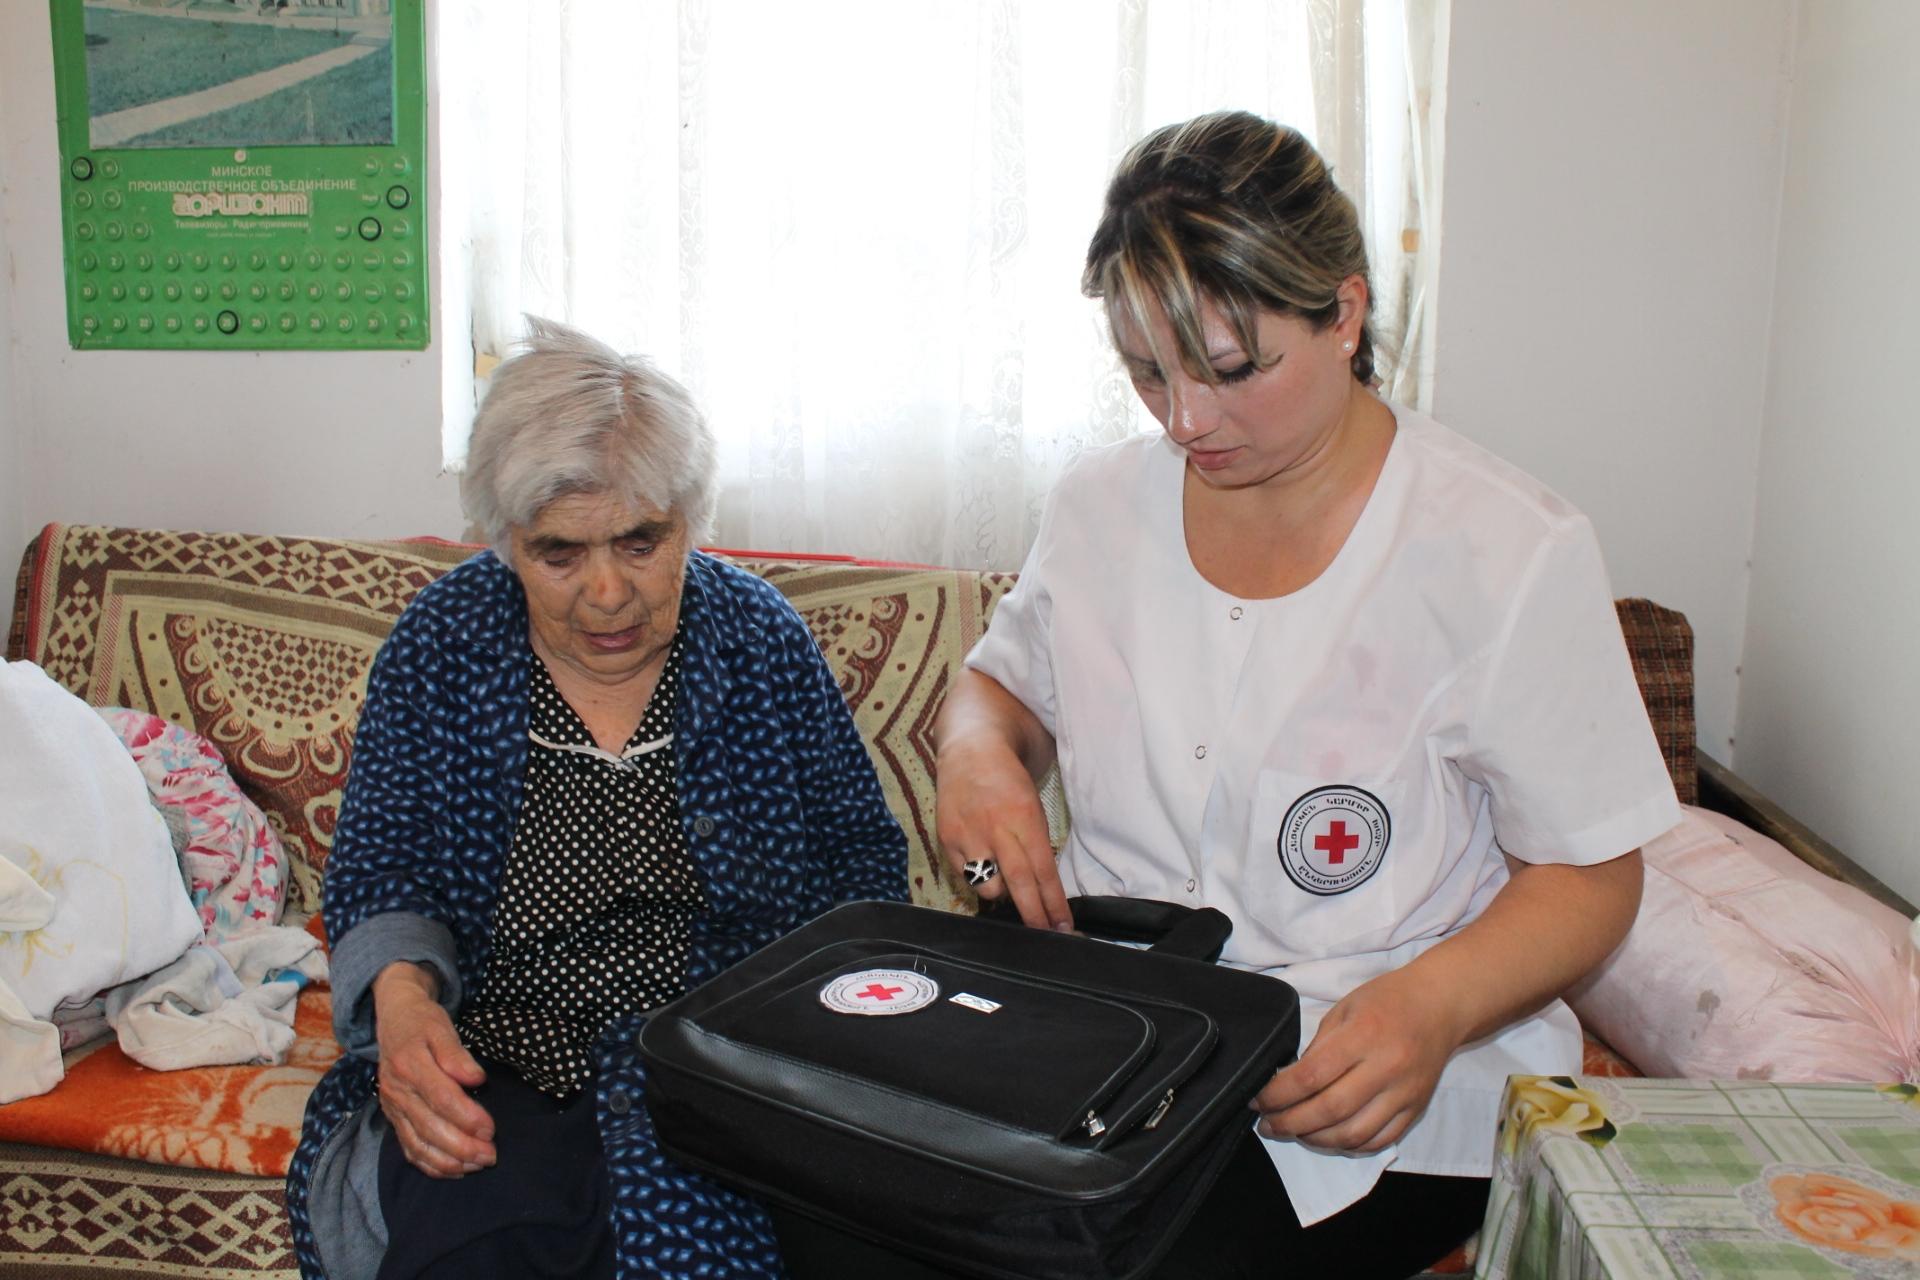 Հայաստանում նախկին նացիոնալ-սոցիալիստների զոհերի սոցիալ-հոգեբանական և բժշկական խնամք